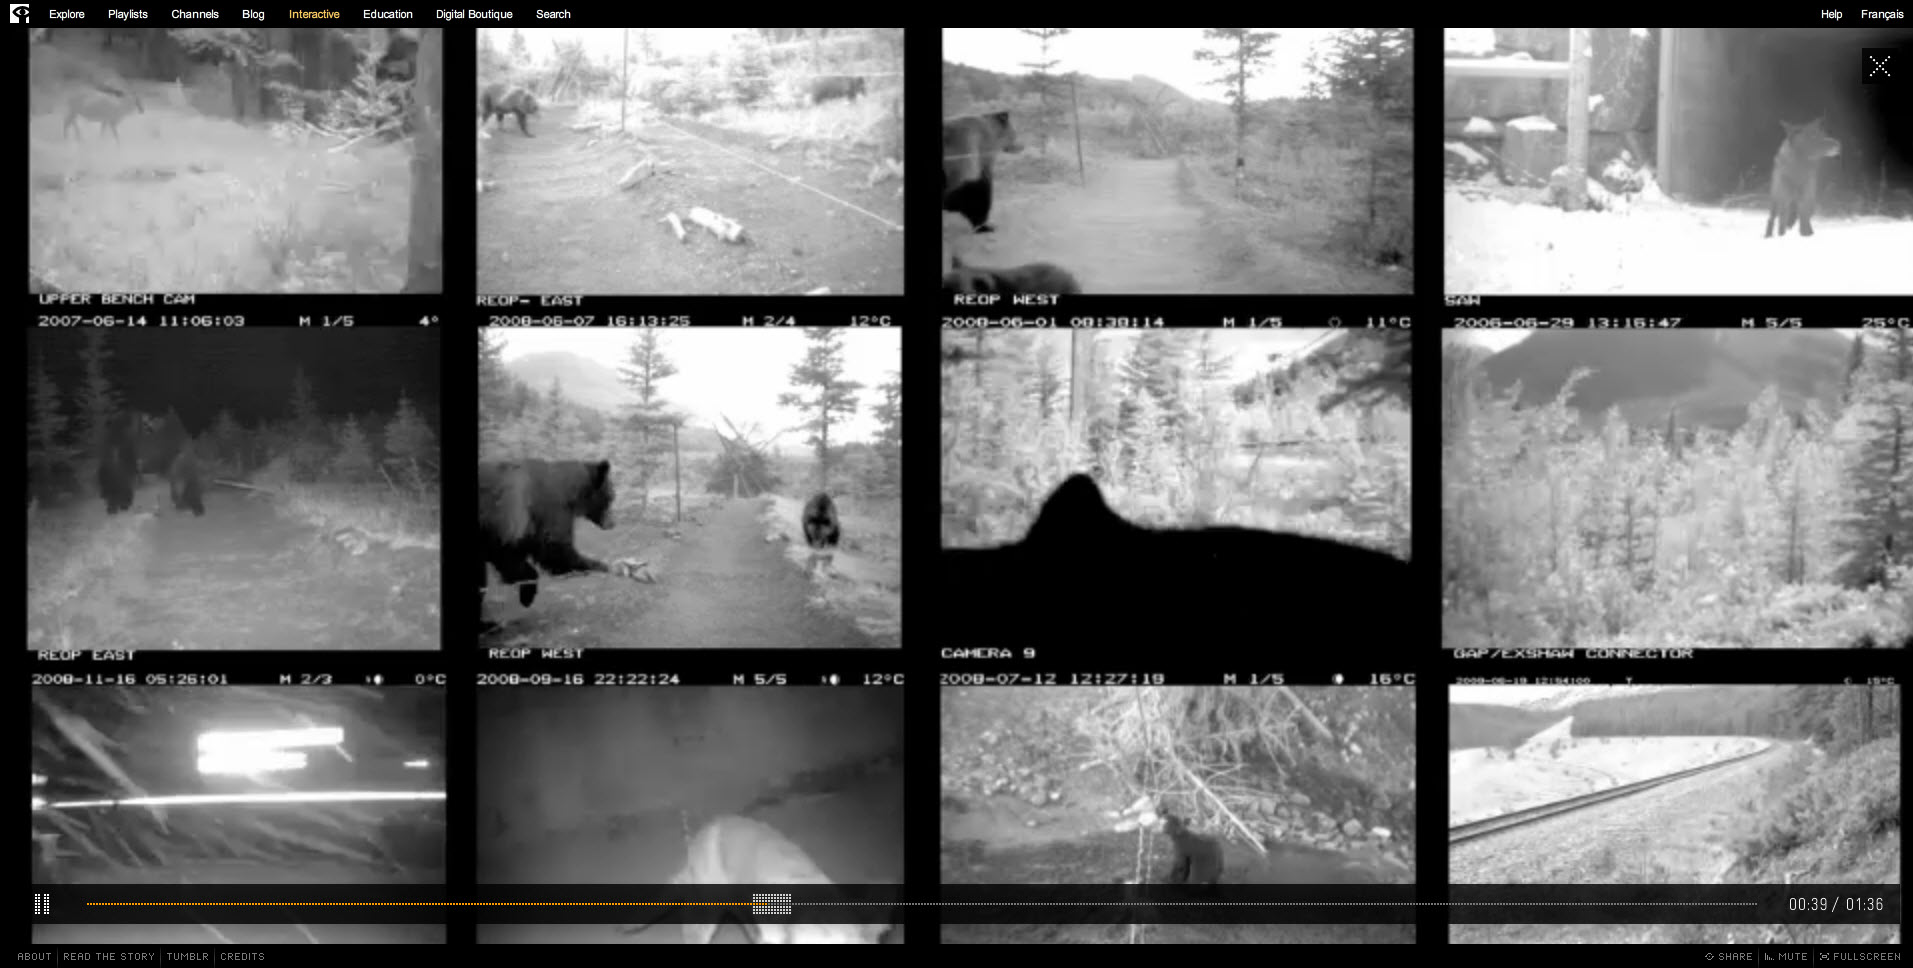 Bear 71 Footage